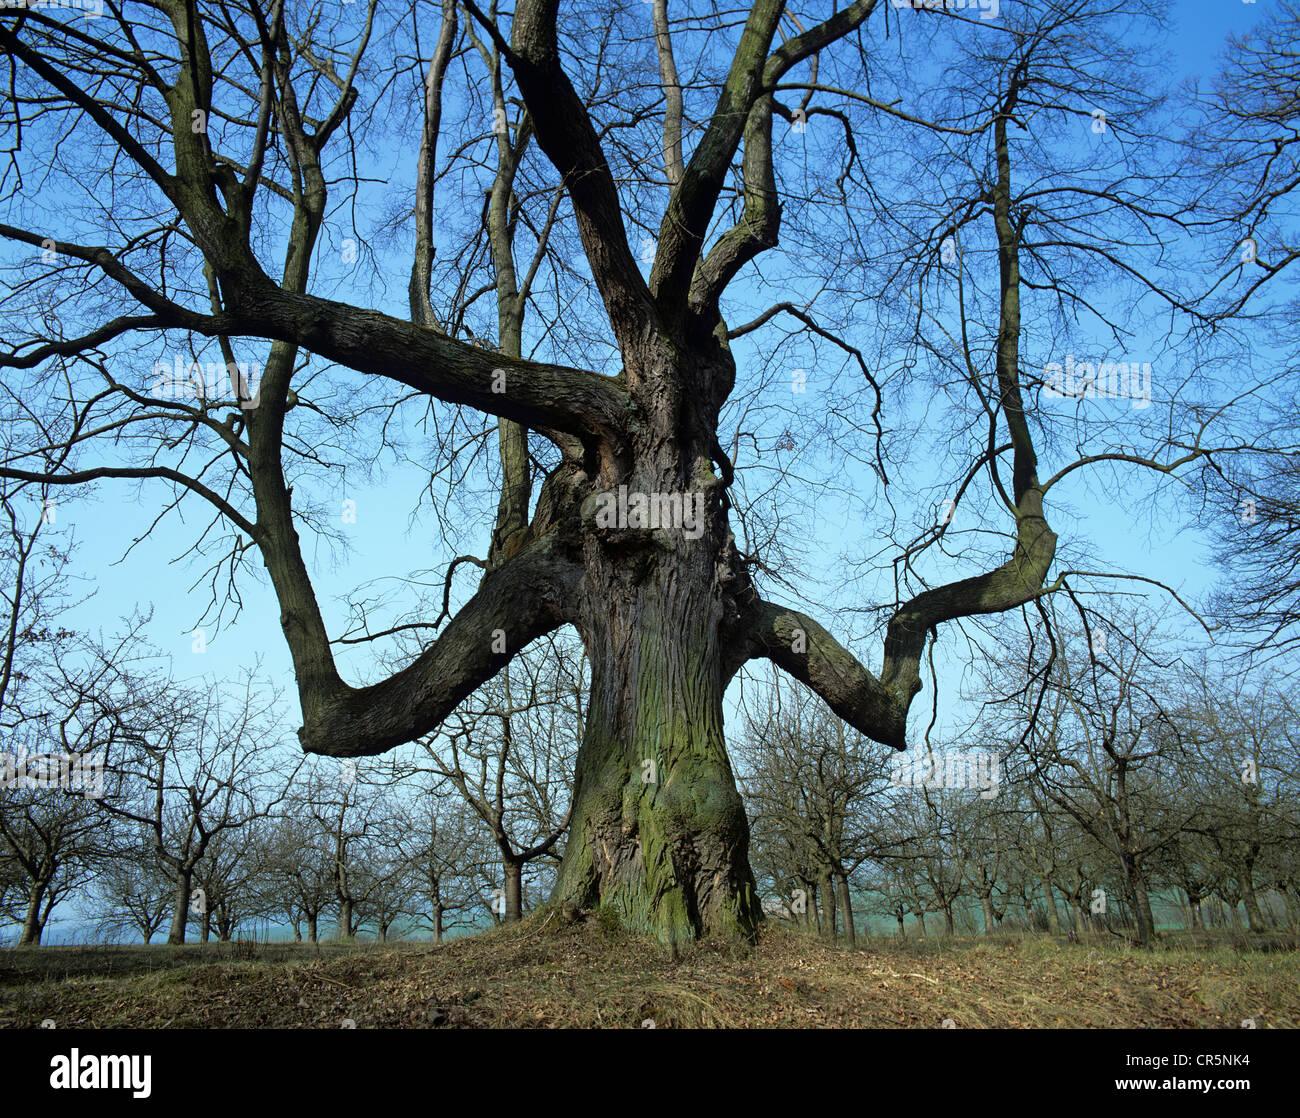 Old time tree (Tilia sp.), near Ichstedt, Kyffhaeuserkreis district, Thuringia, Germany, Europe - Stock Image